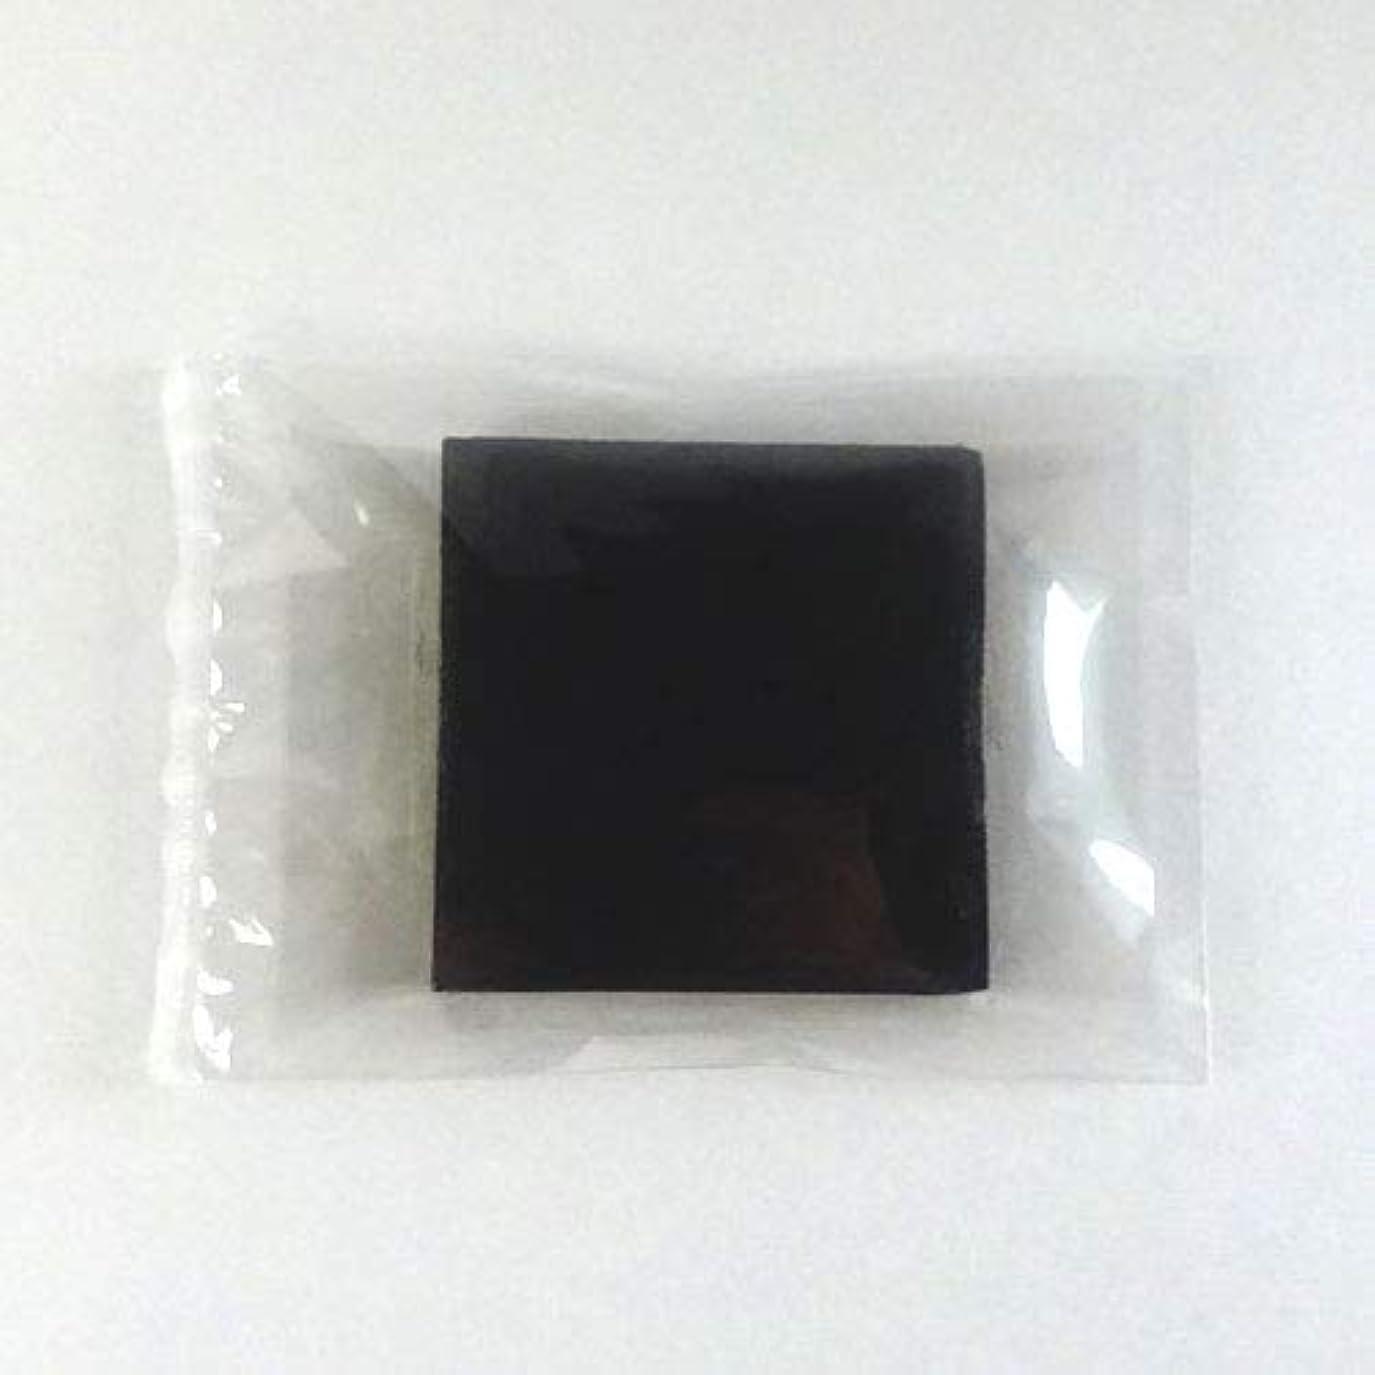 味付けアルカトラズ島建物グリセリンソープ MPソープ 色チッププ 黒(ブラック) 60g (30g x 2pc)